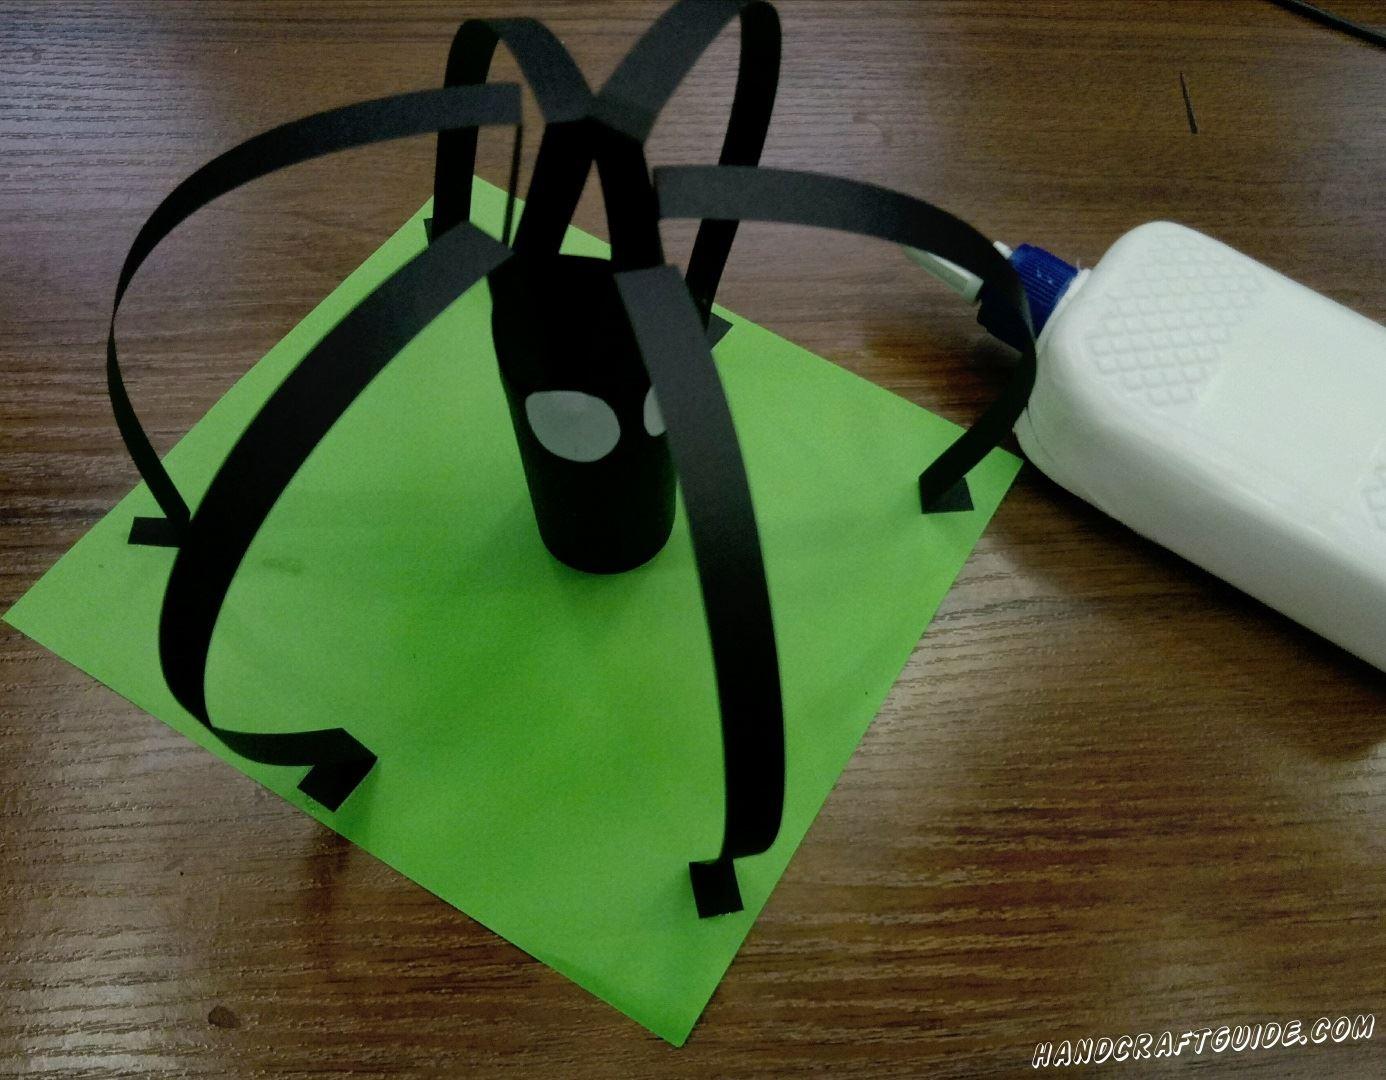 С помощью клея, прикрепляем лапки к зелёному листку бумаги